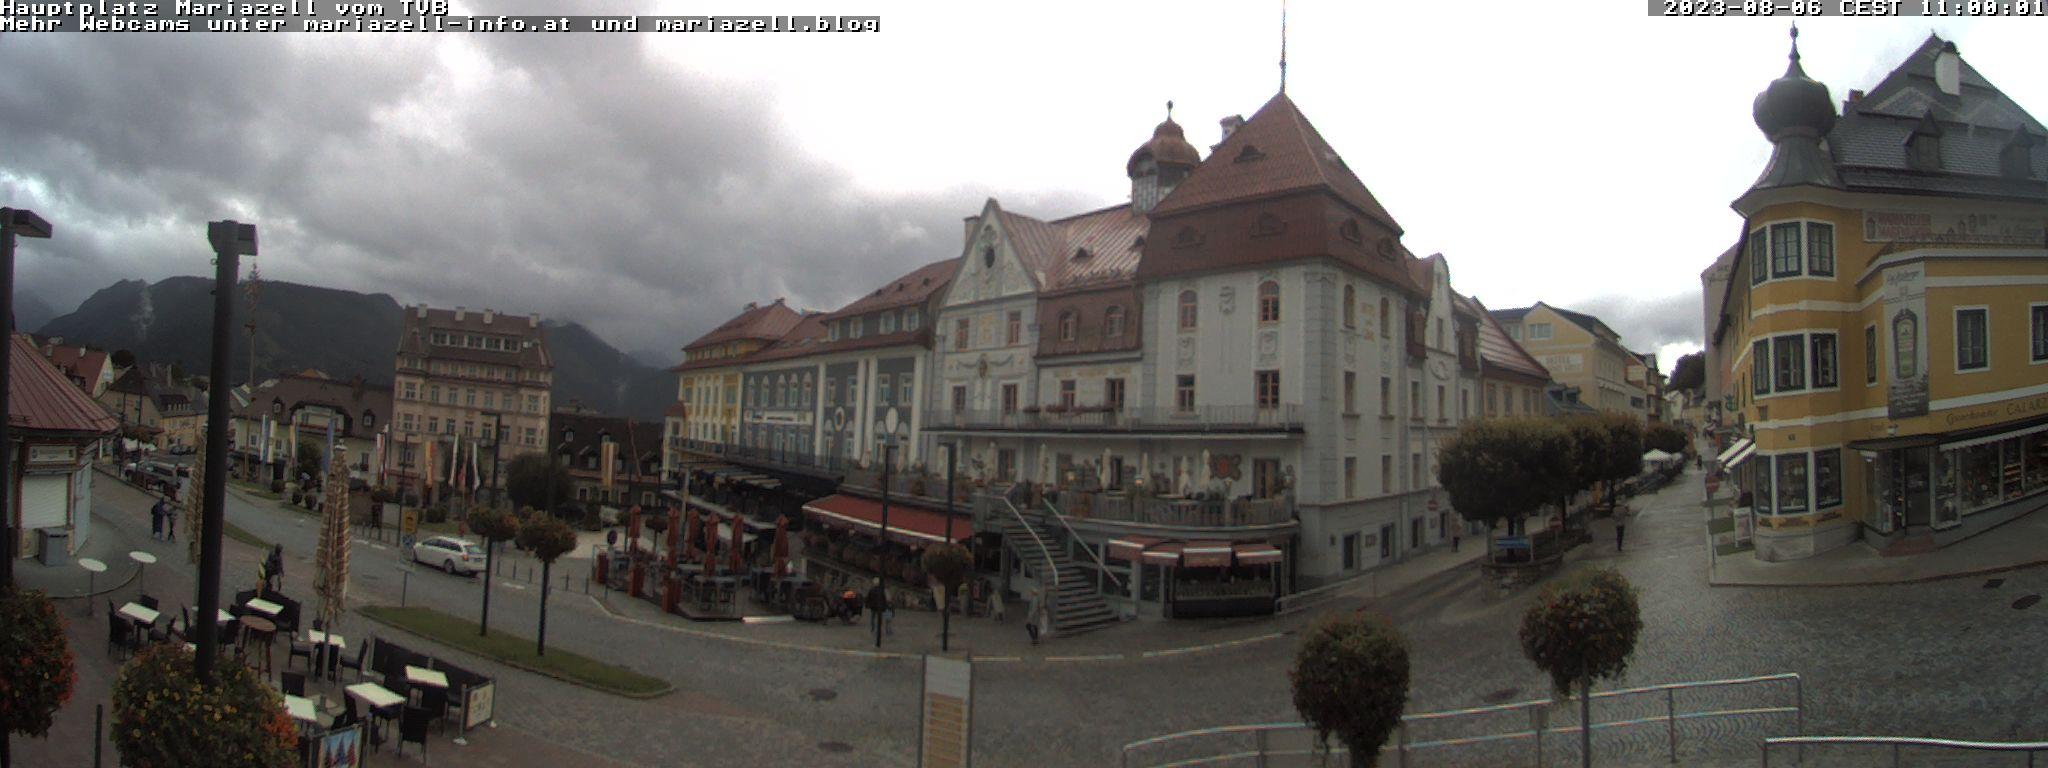 Mariazell Webcam - © Mariazellerland Blog & Apotheke zur Gnadenmutter